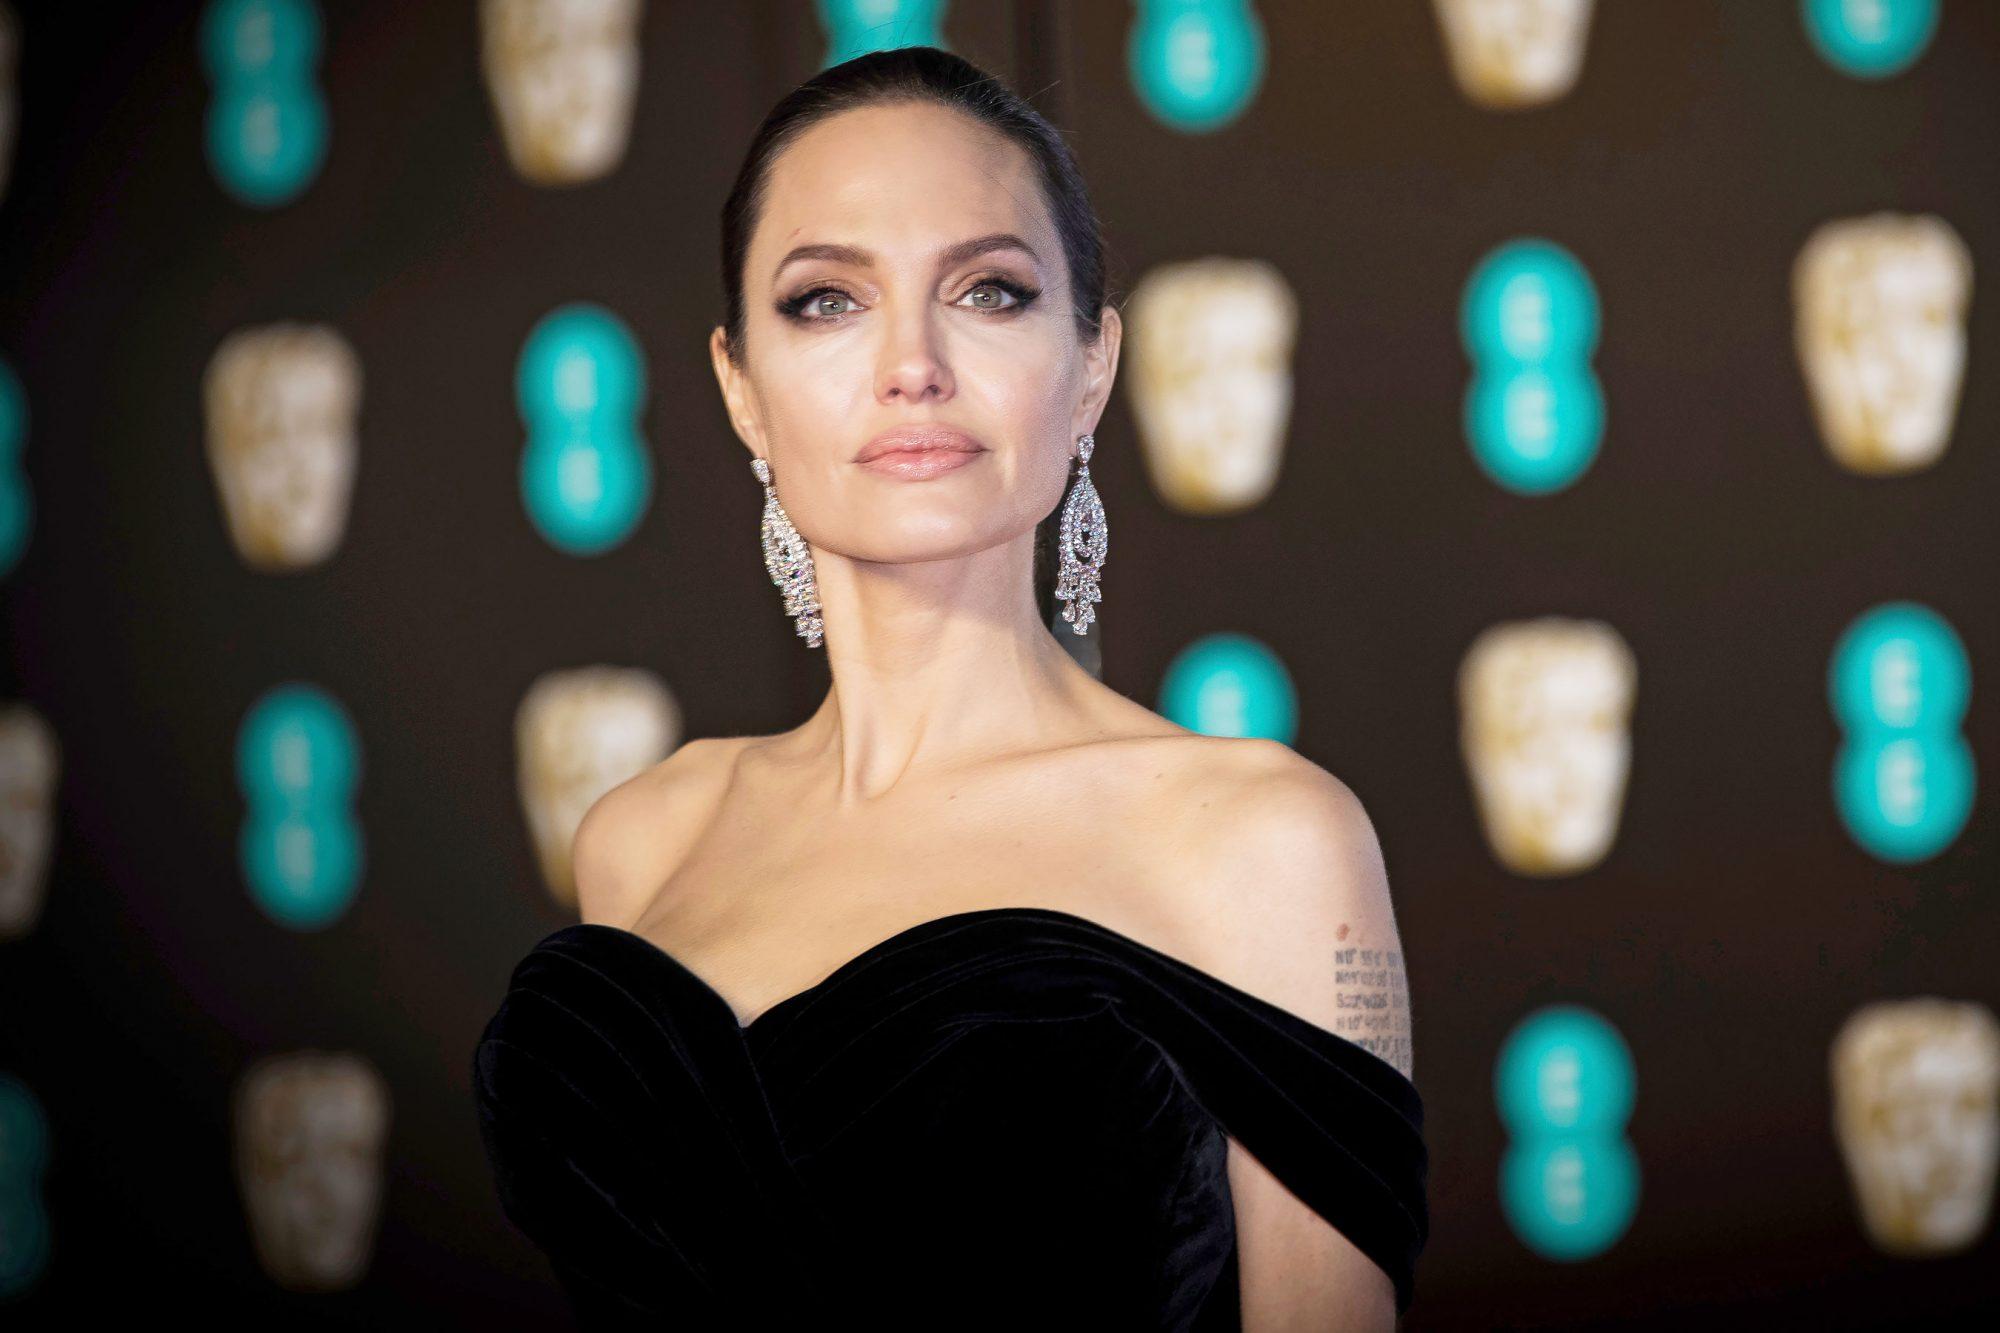 Britain BAFTA Awards 2018 Arrivals - 18 Feb 2018